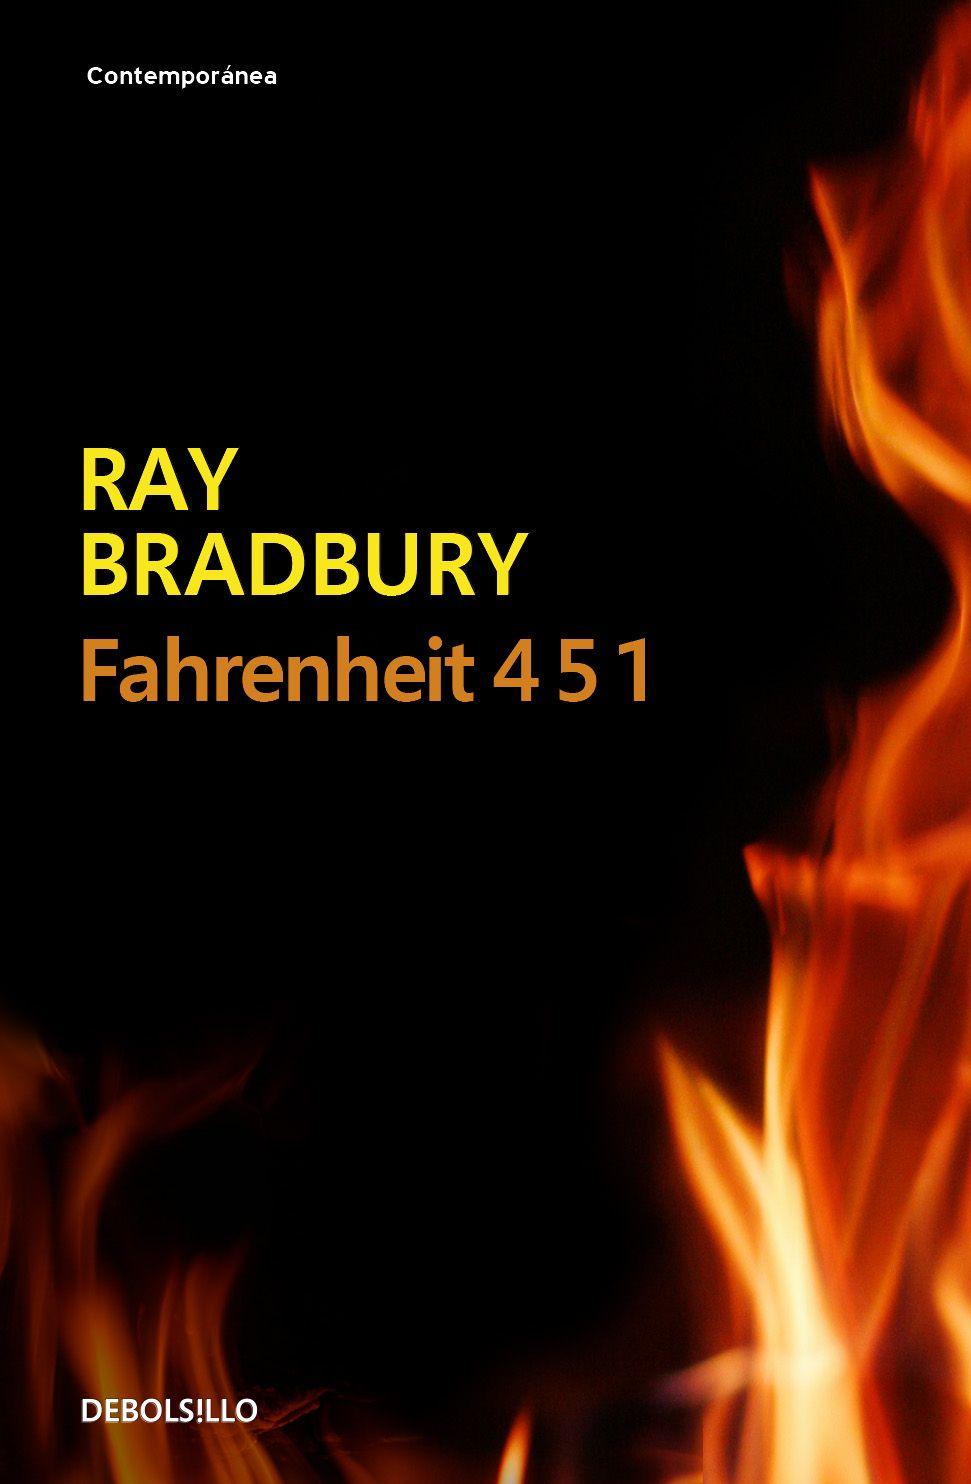 Ray Bradbury Fahrenheit 451 Buscar Con Google Libros Para Leer Leer Libros